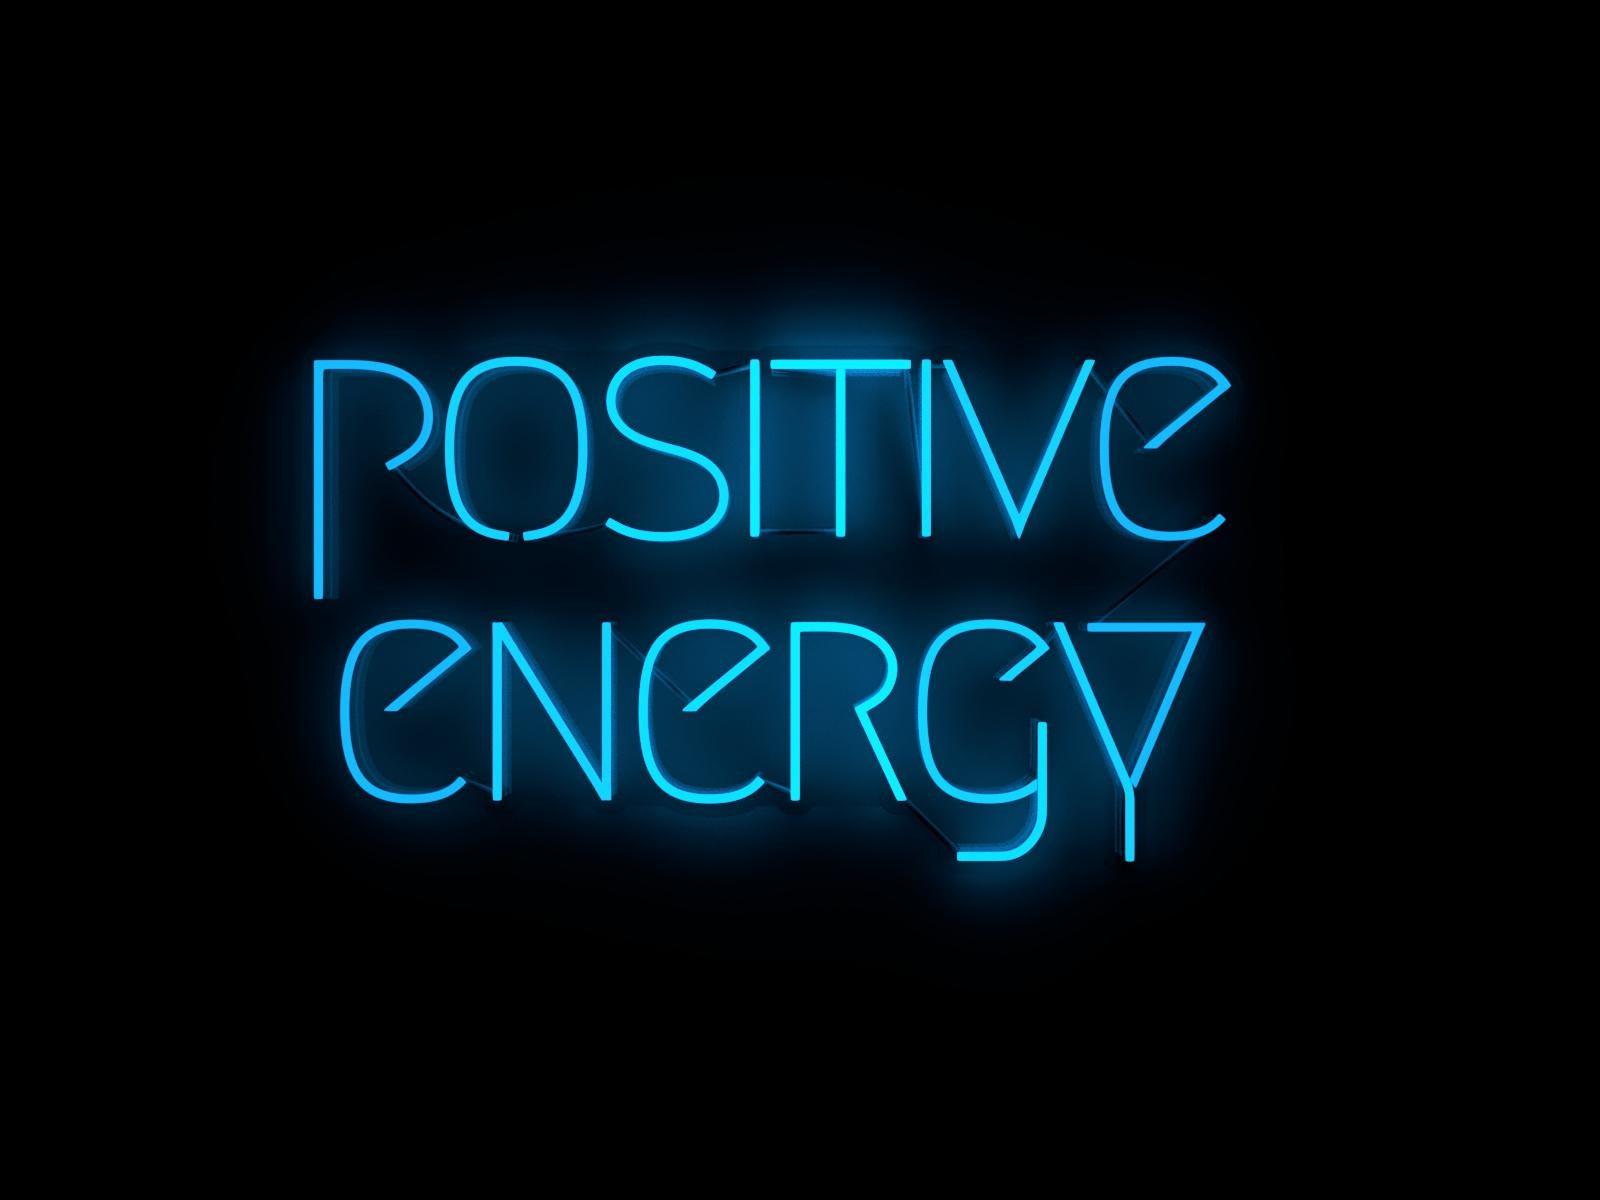 positive energy  - neon art work